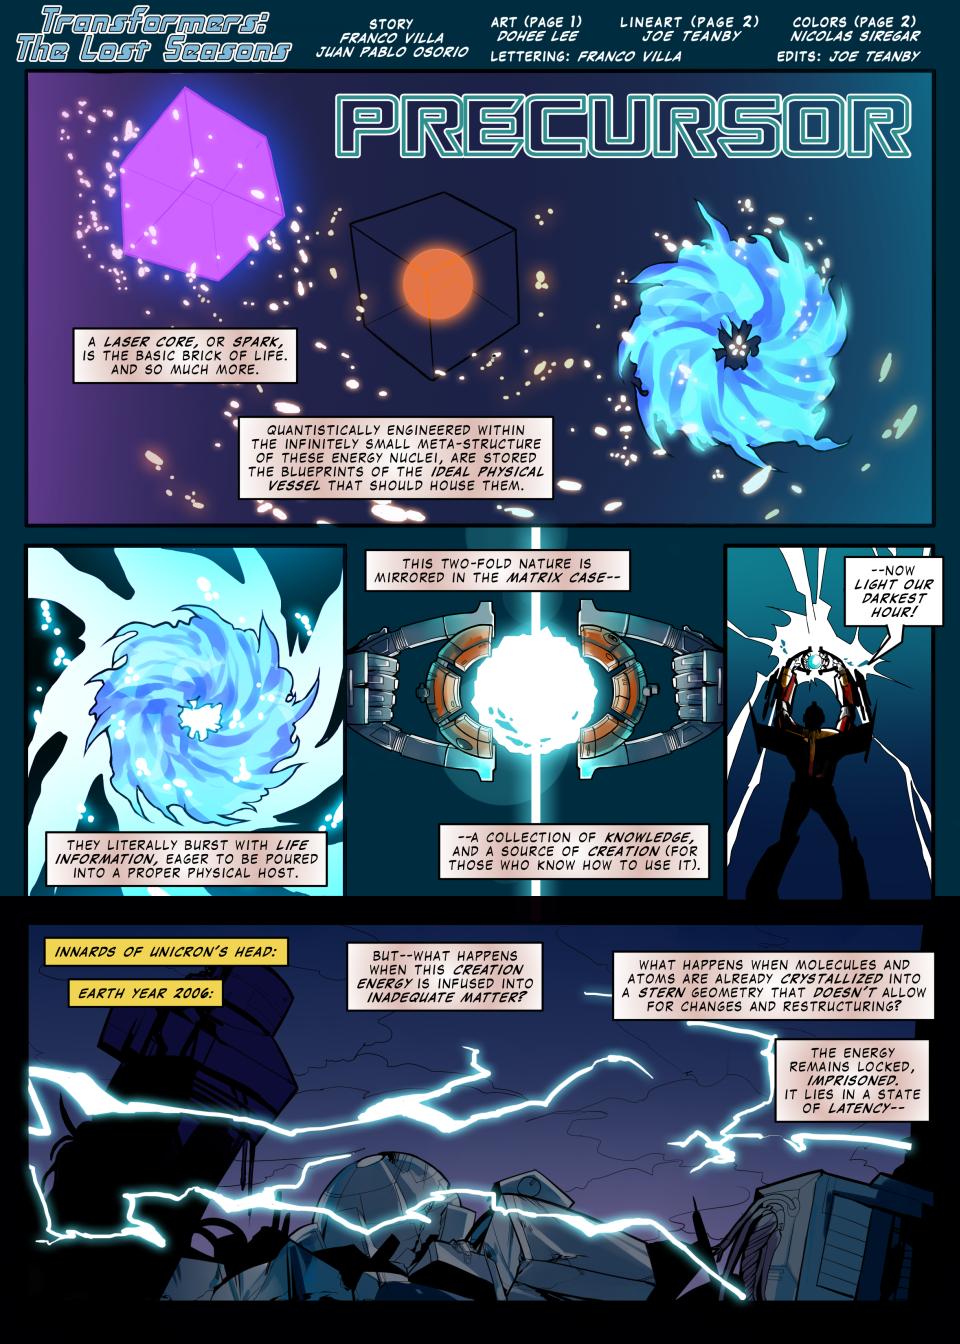 Precursor - page 1